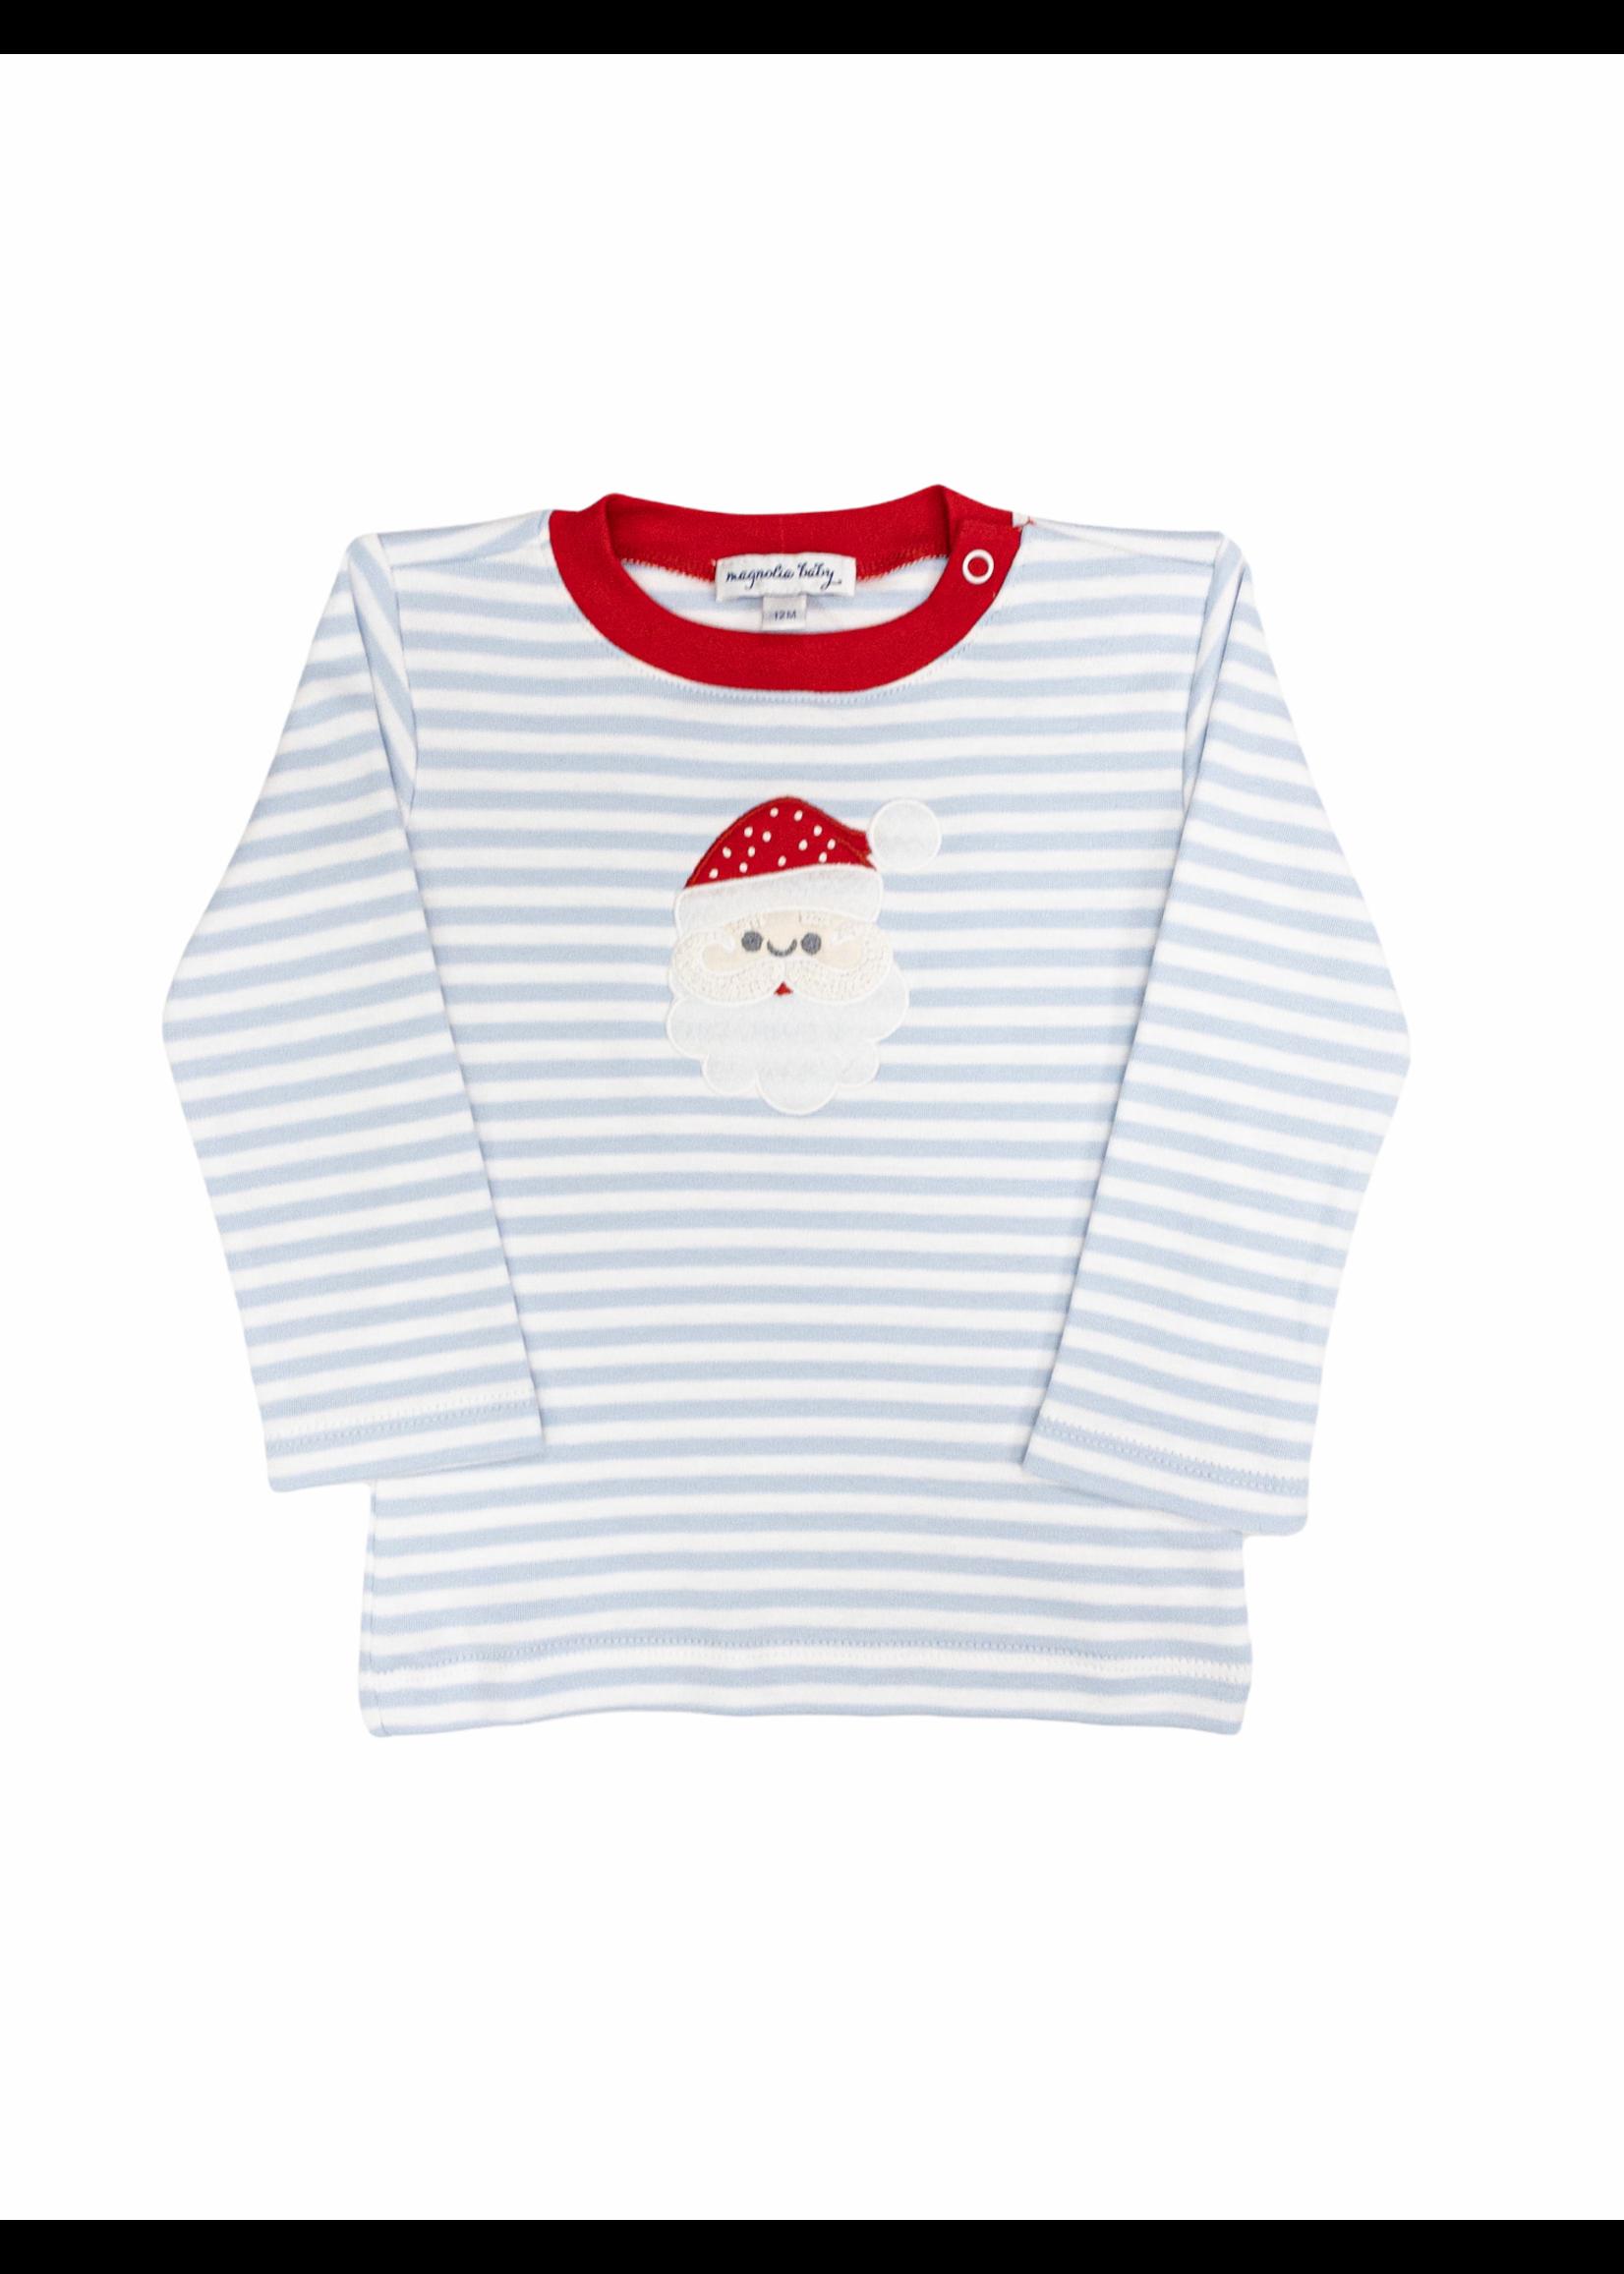 Magnolia Baby Santa Clause Long Sleeve Toddler T-Shirt